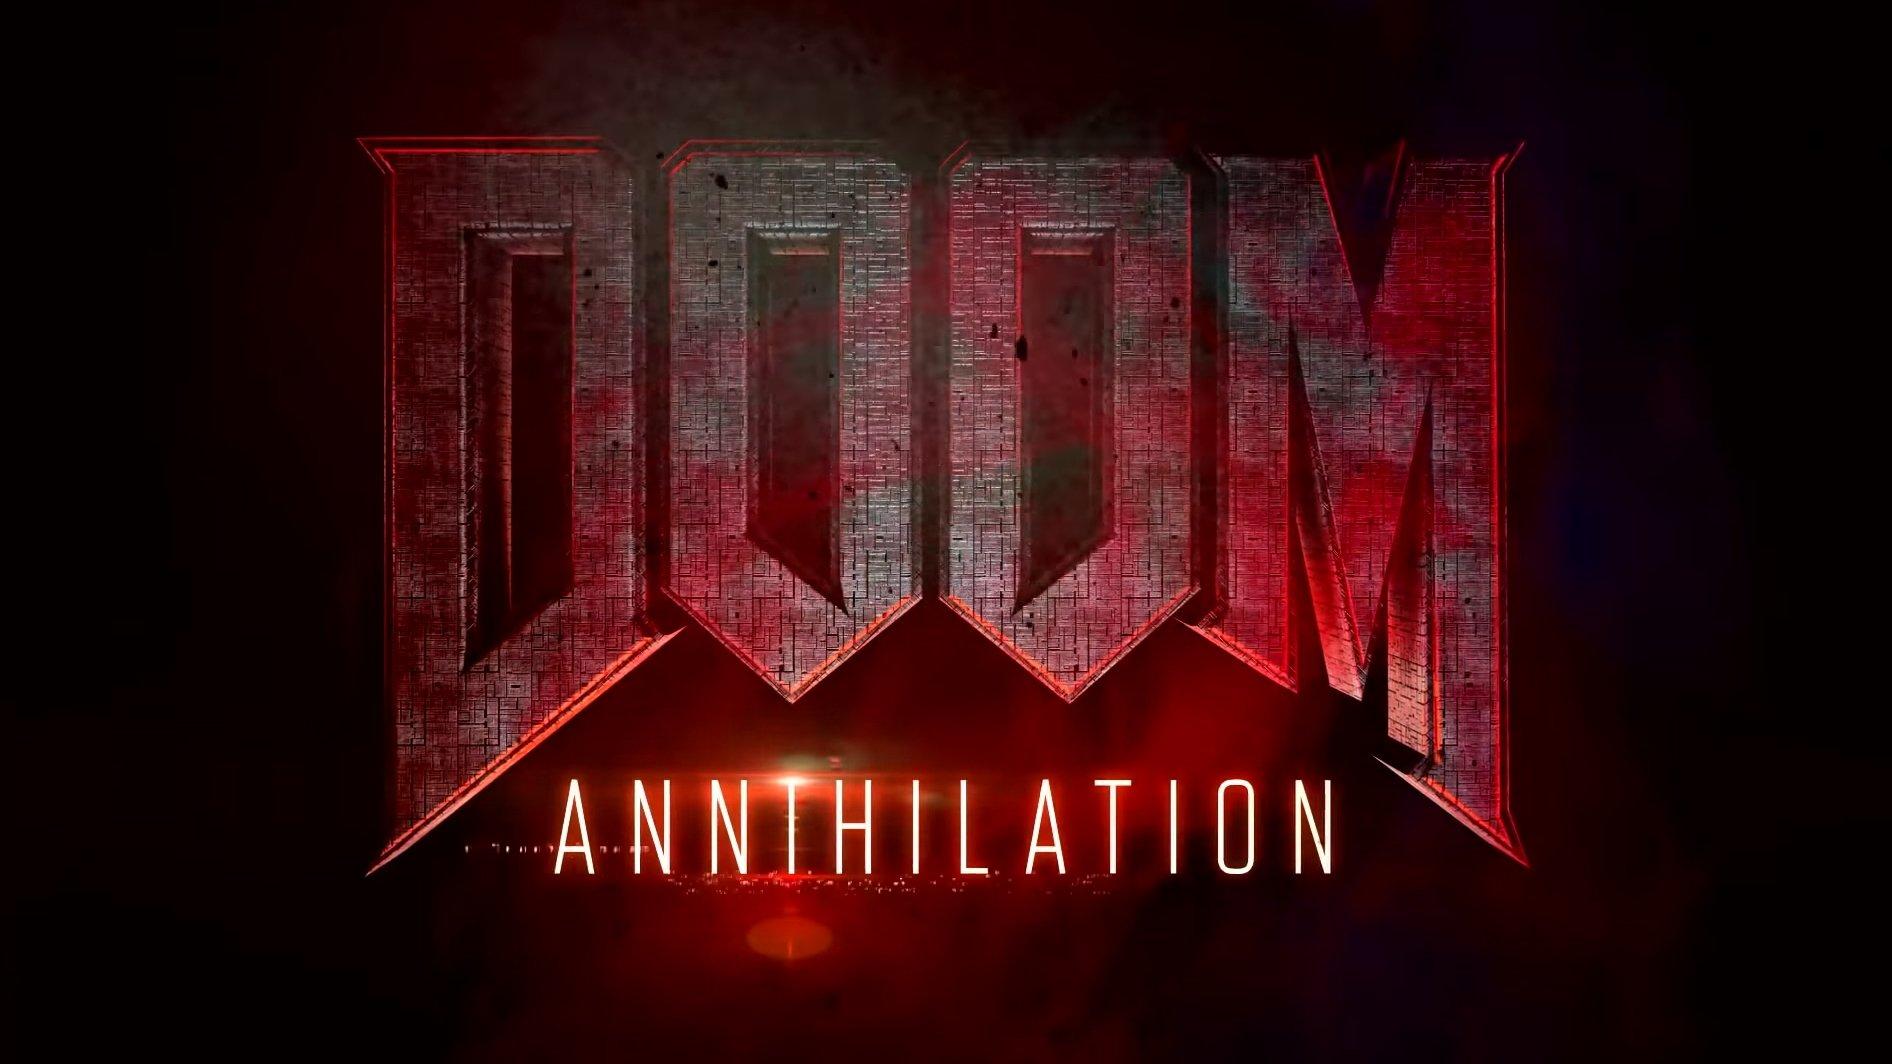 Le film Doom Annihilation a l'air affreux et on ne peut pas attendre